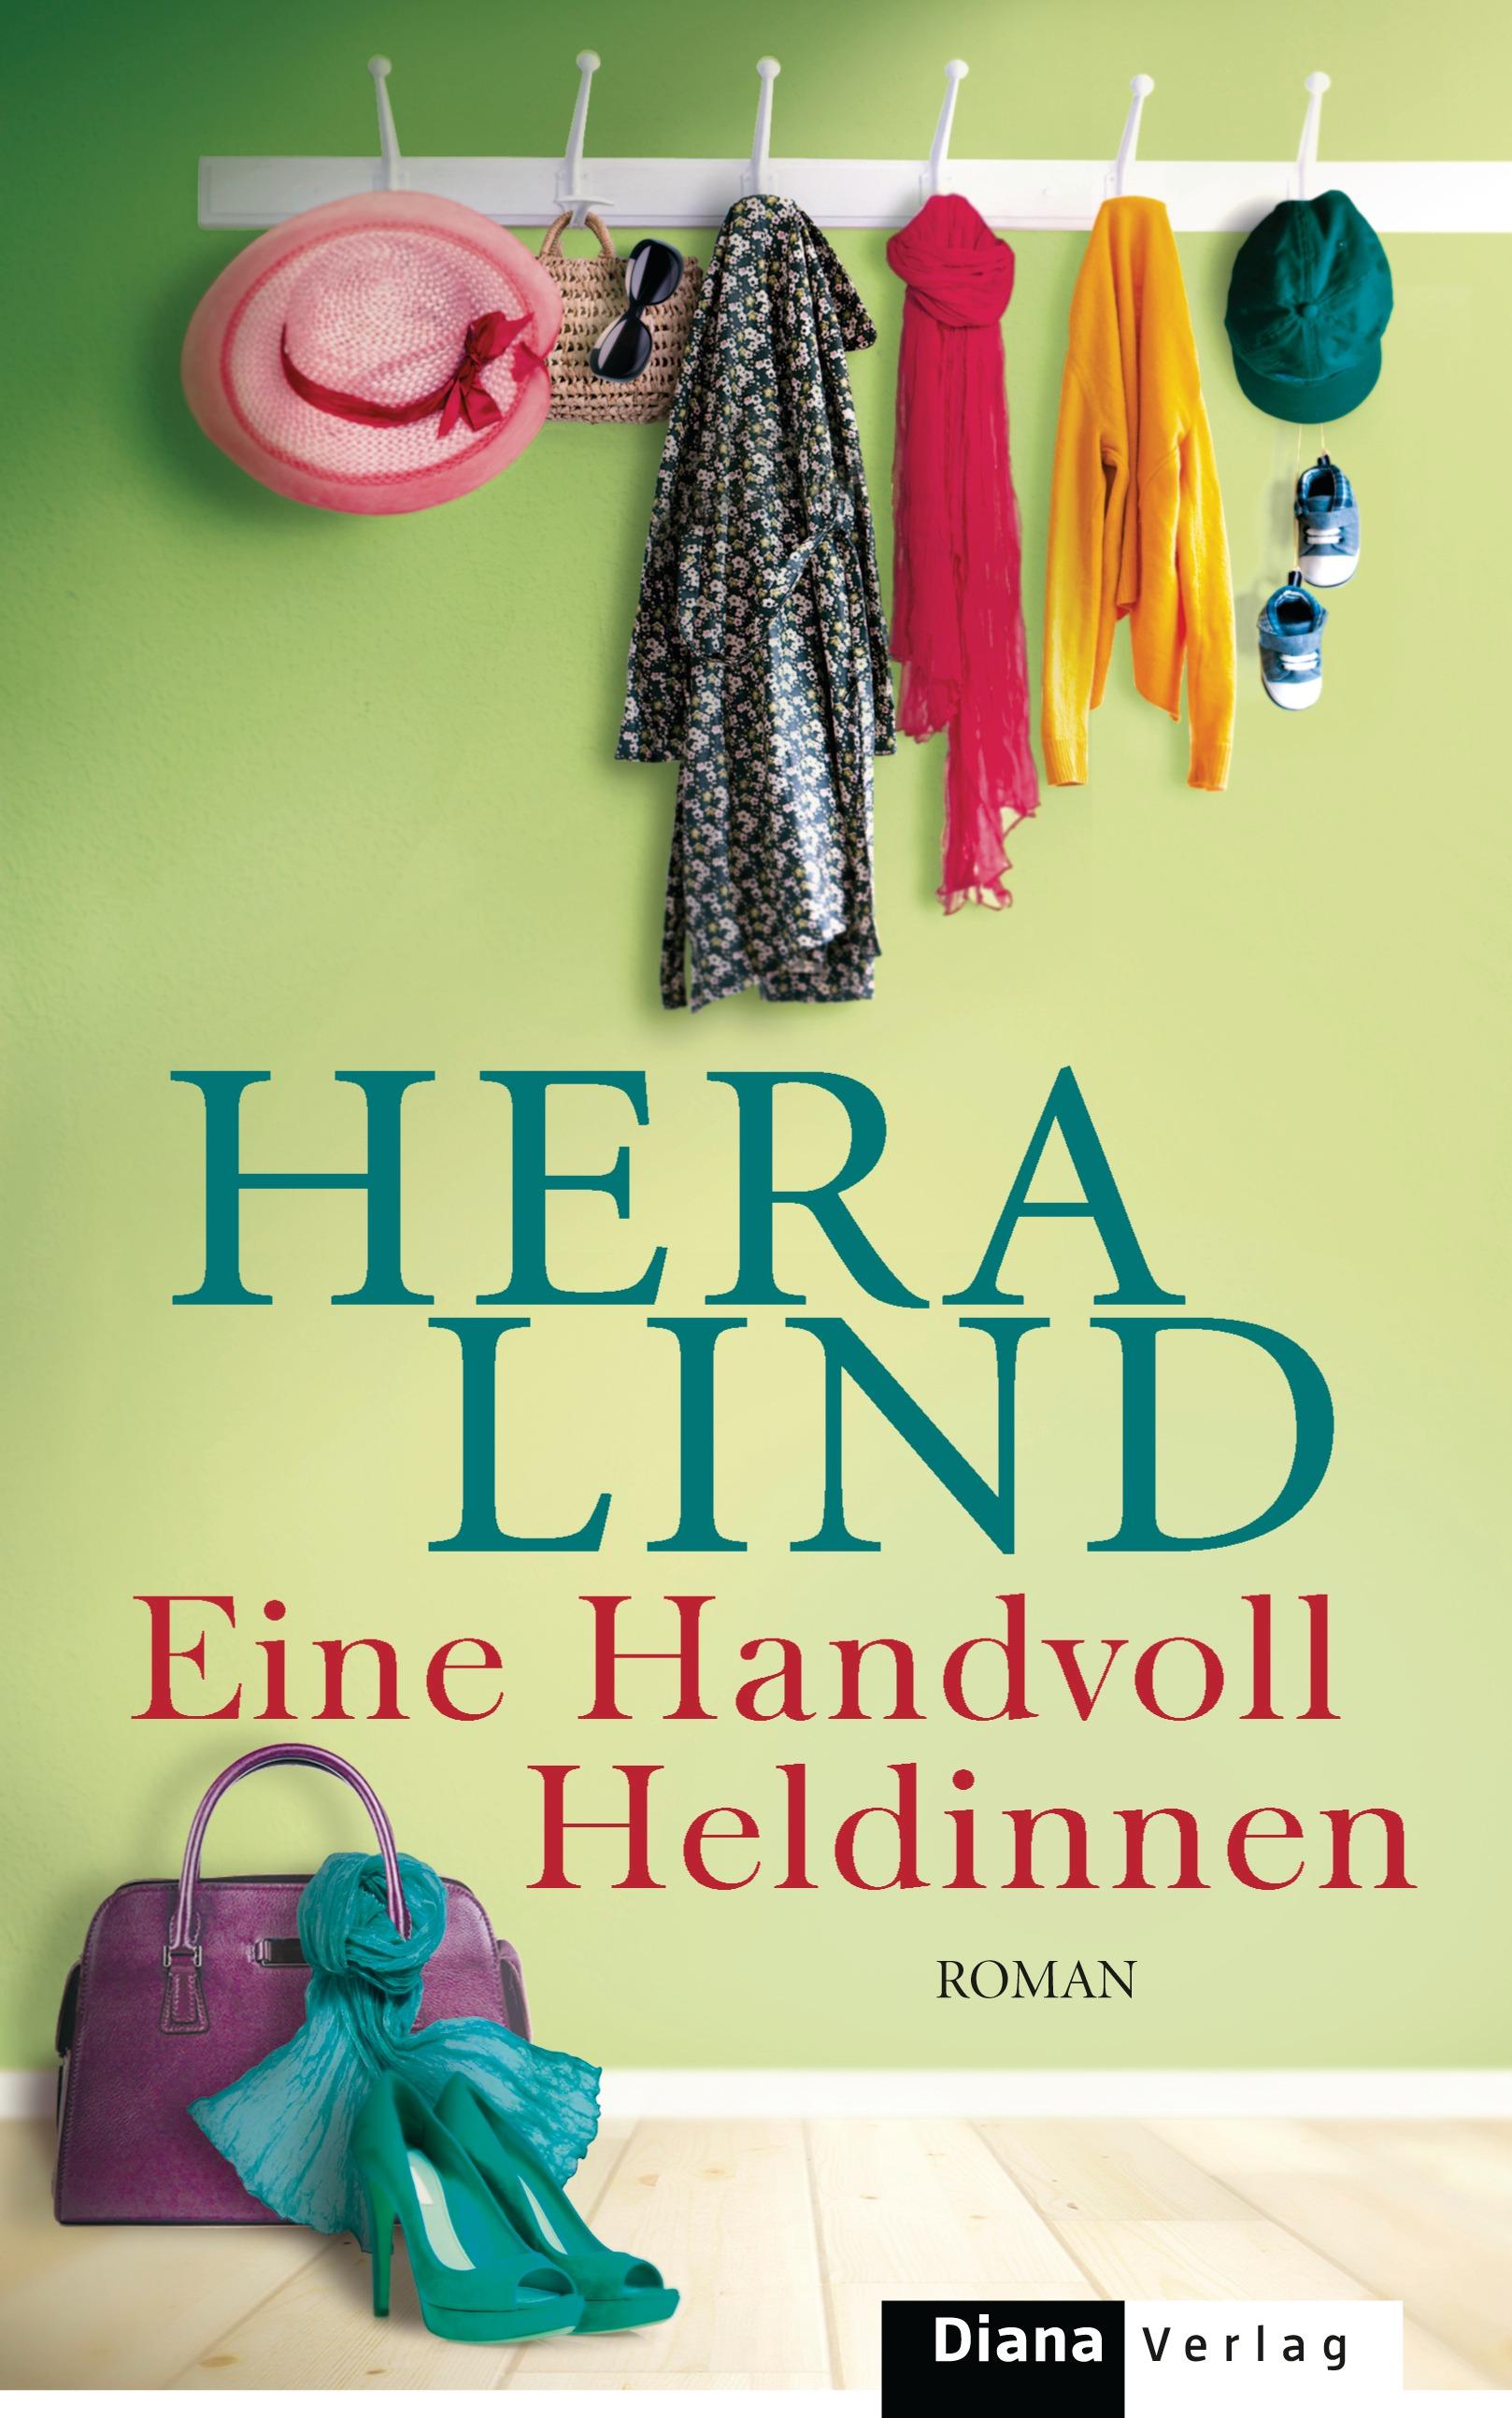 Eine Handvoll Heldinnen - Hera Lind